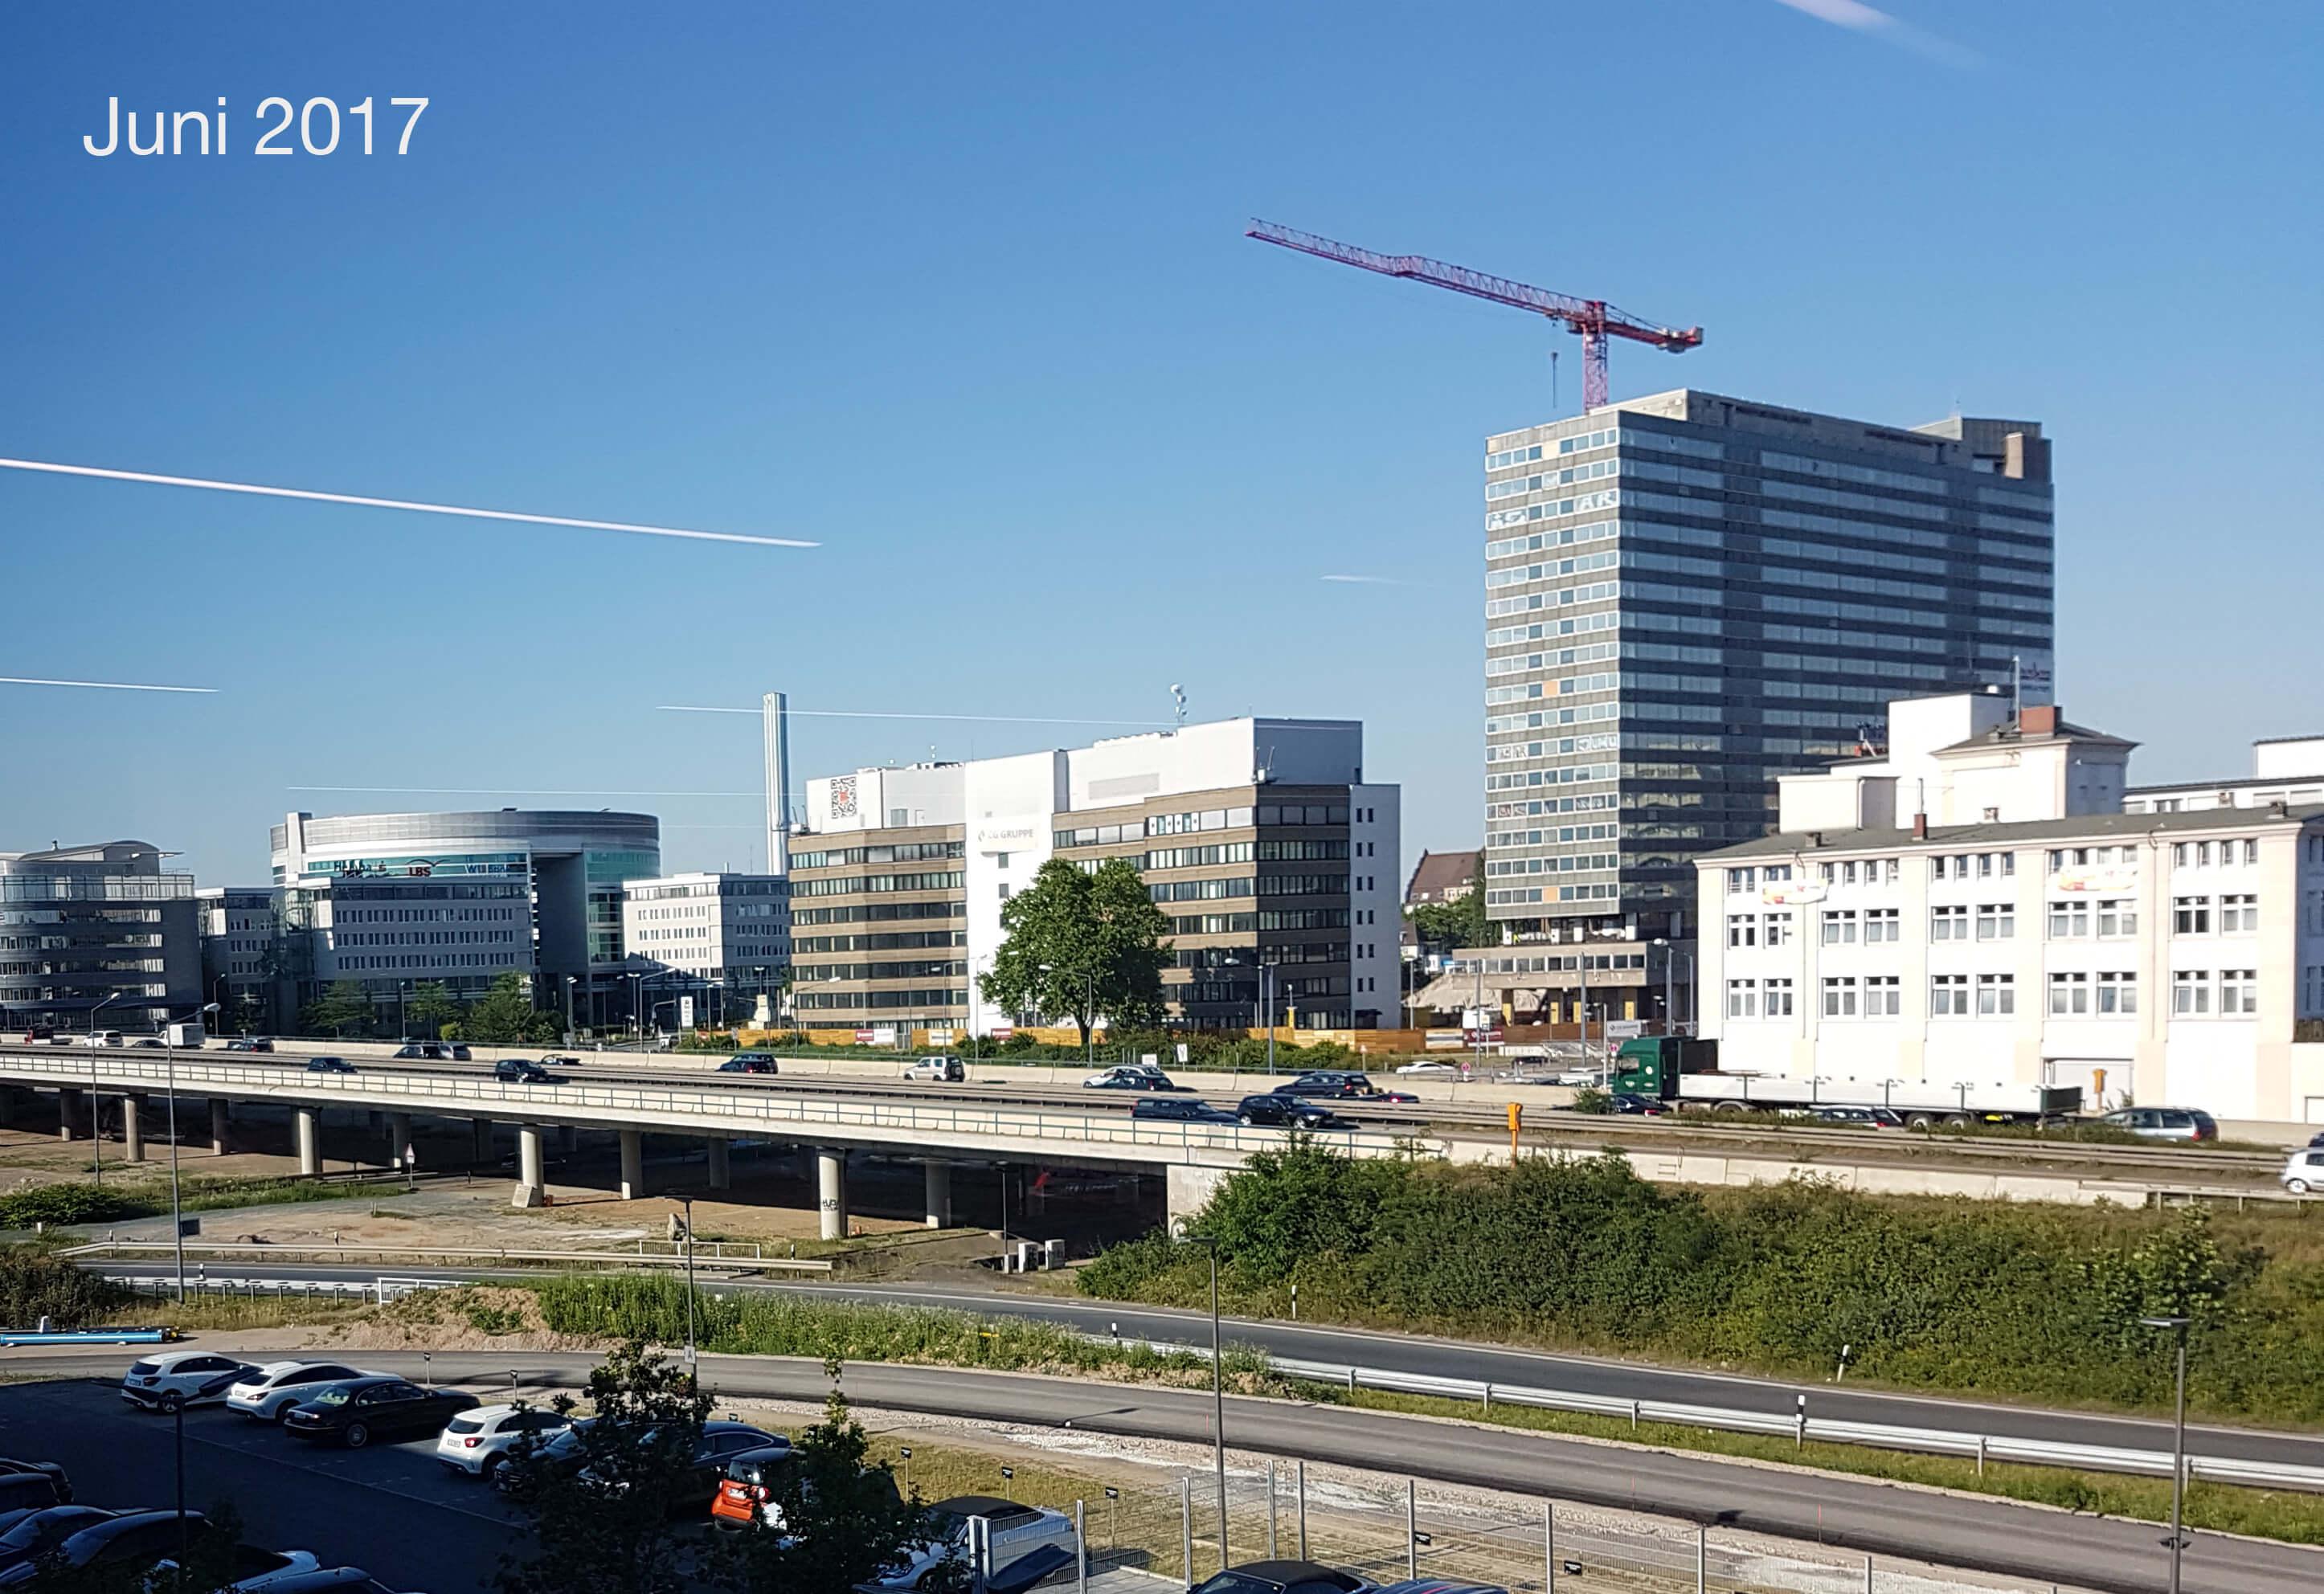 Bauarbeiten an New Frankfurt Towers gestartet